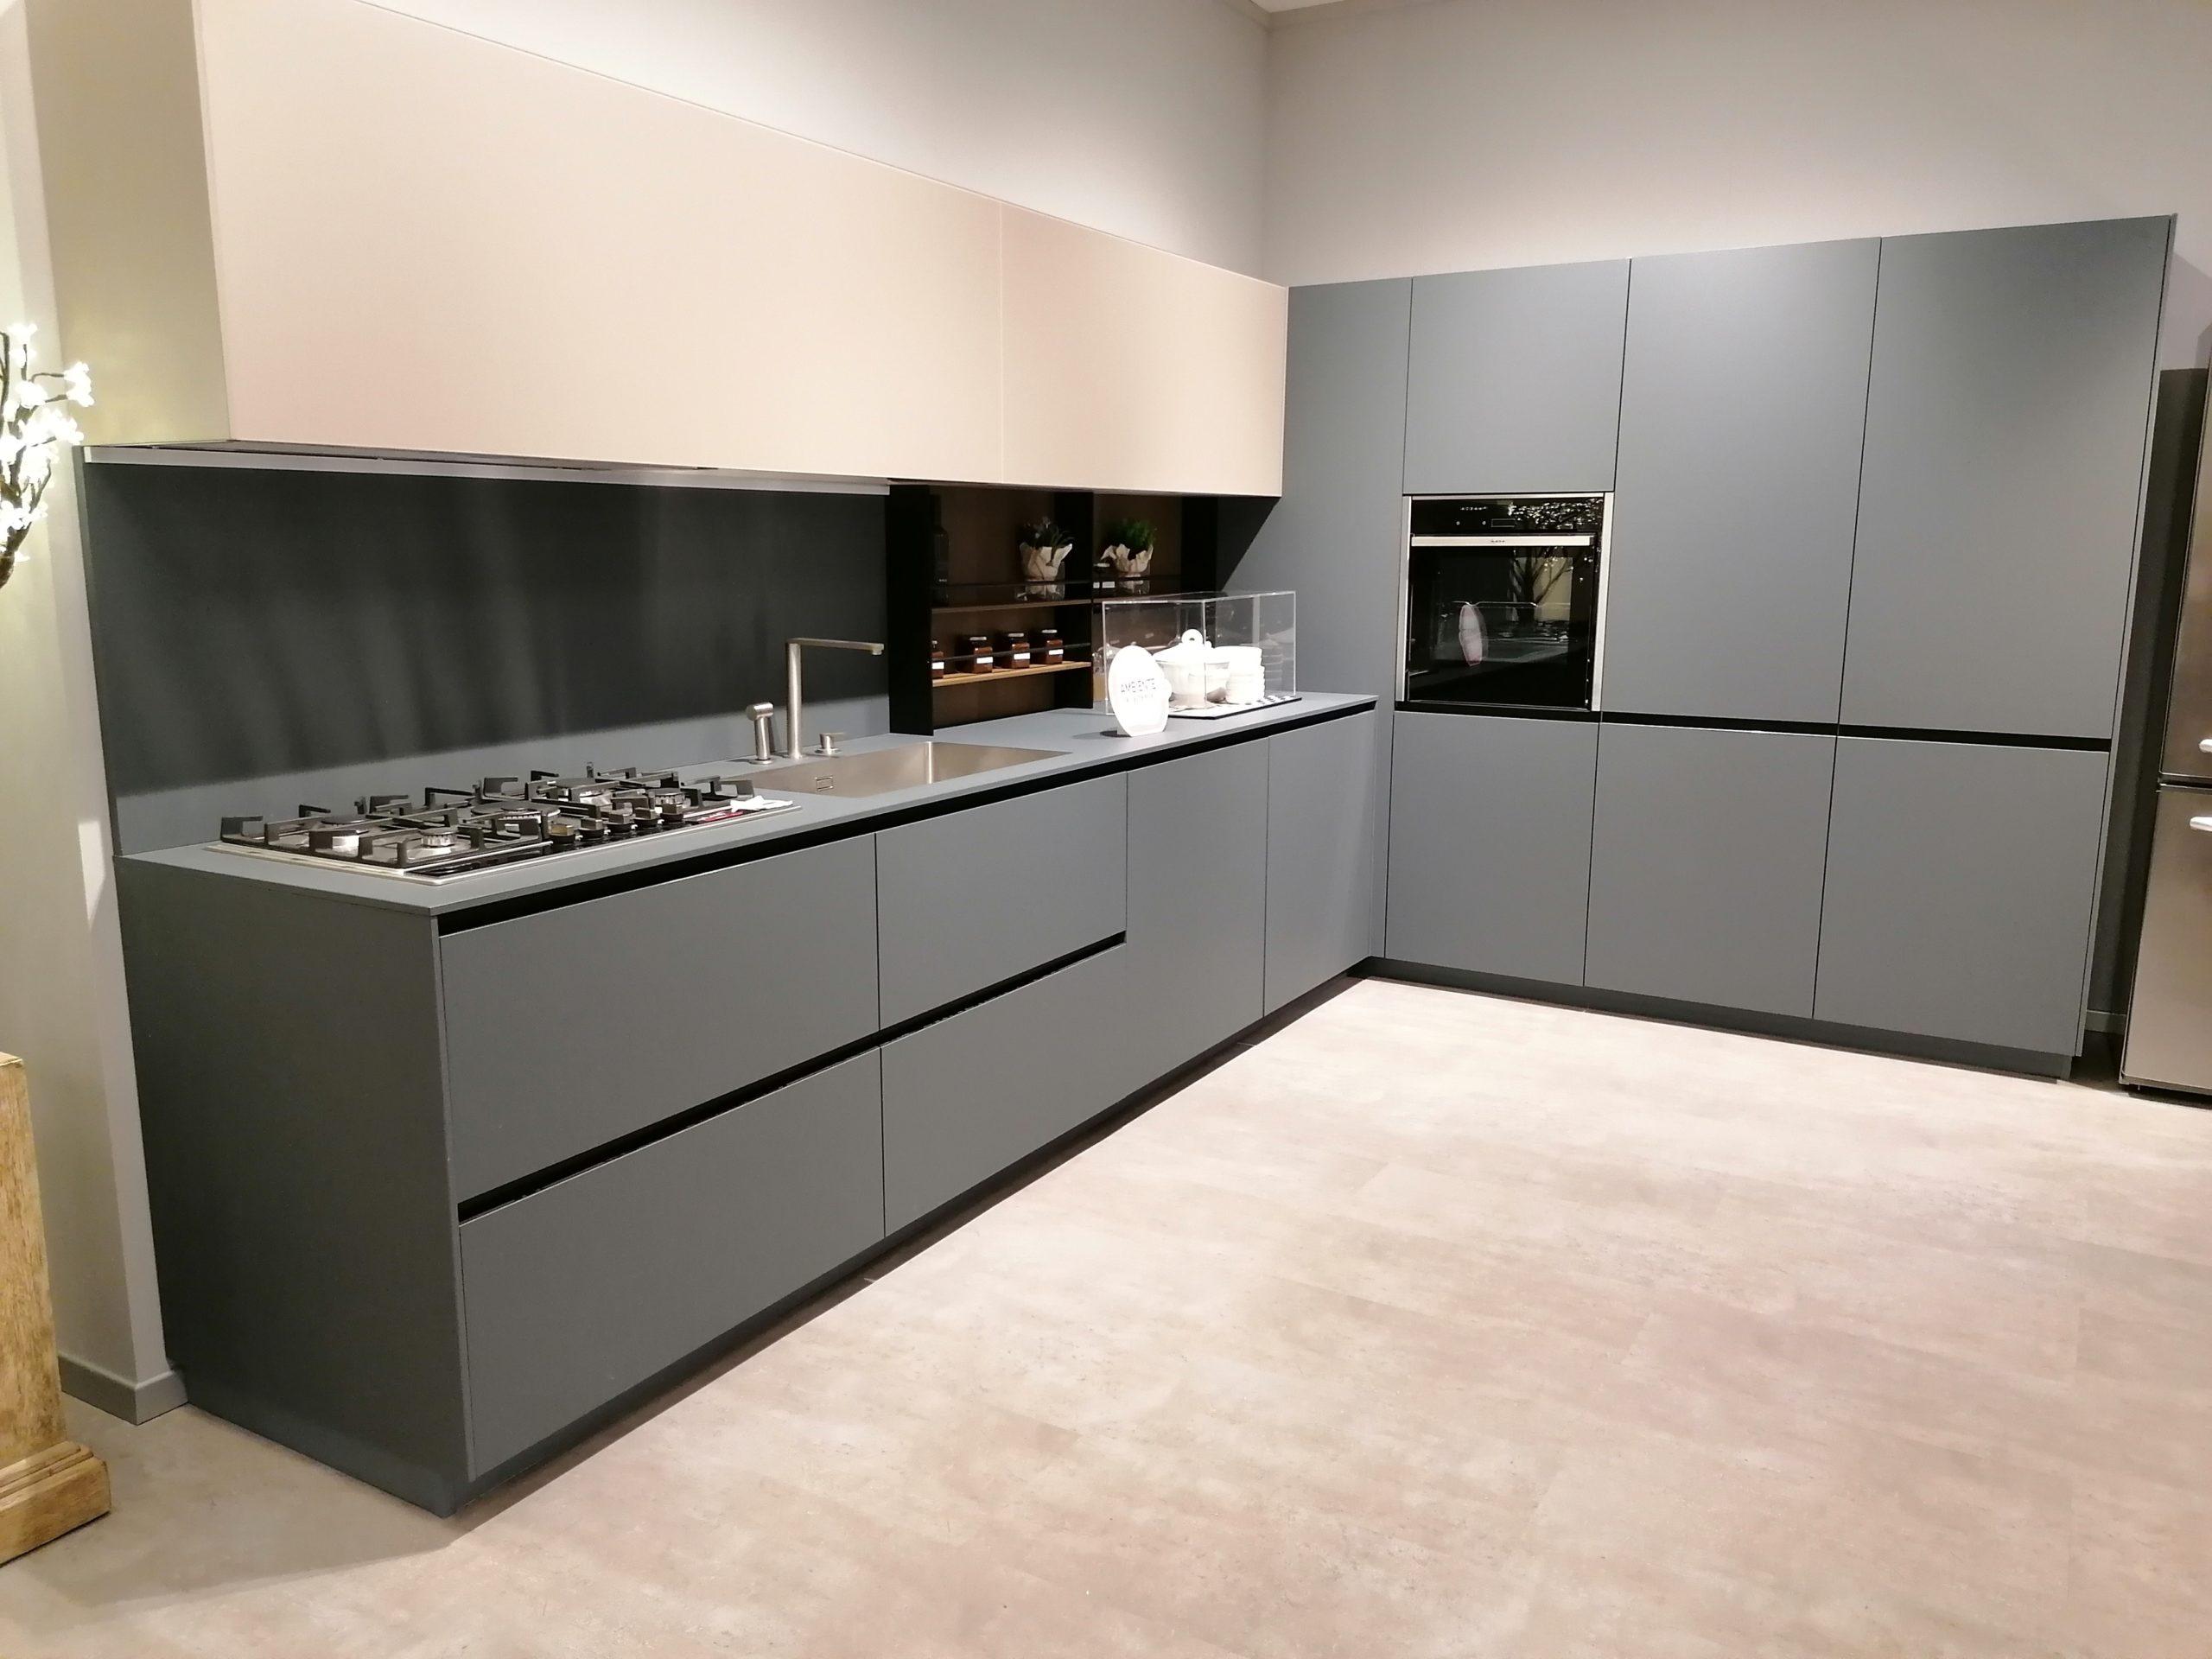 Immagini Cucine Ad Angolo cucina grigio moderna ad angolo copat 31 ls – prezioso casa